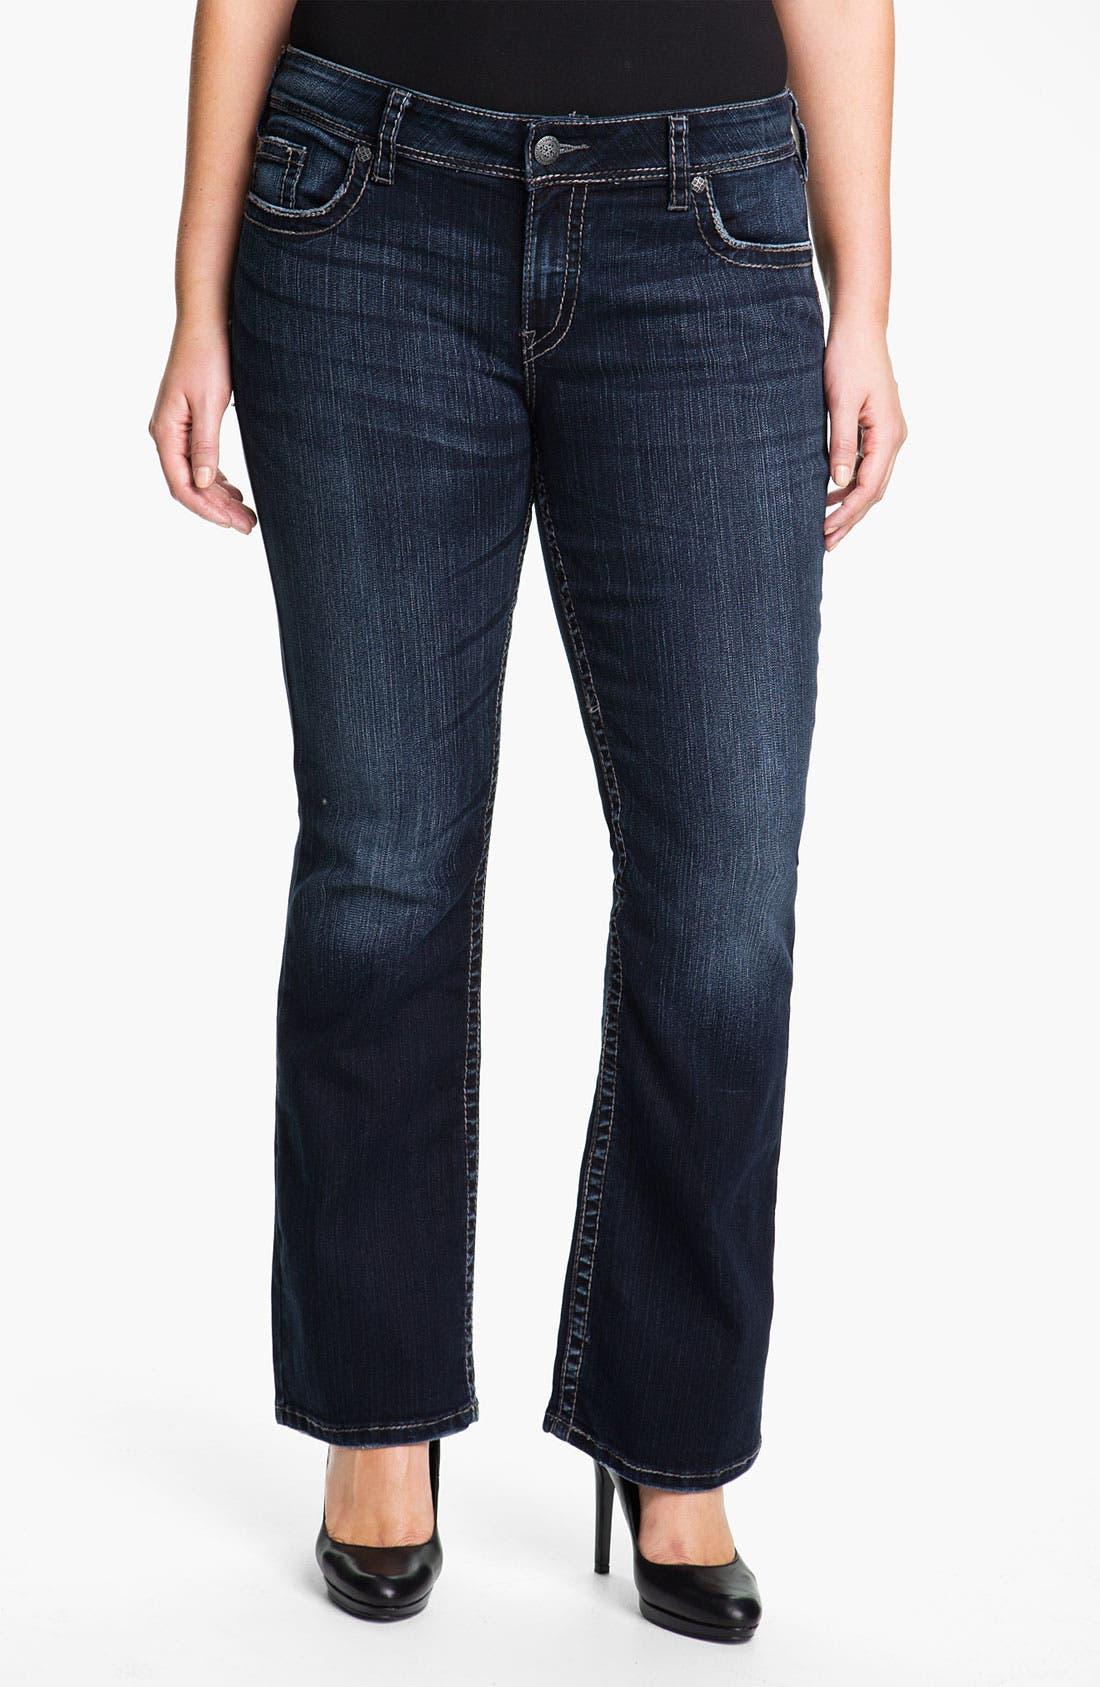 Main Image - Silver Jeans Co. 'Suki' Surplus Bootcut Jeans (Juniors Plus)